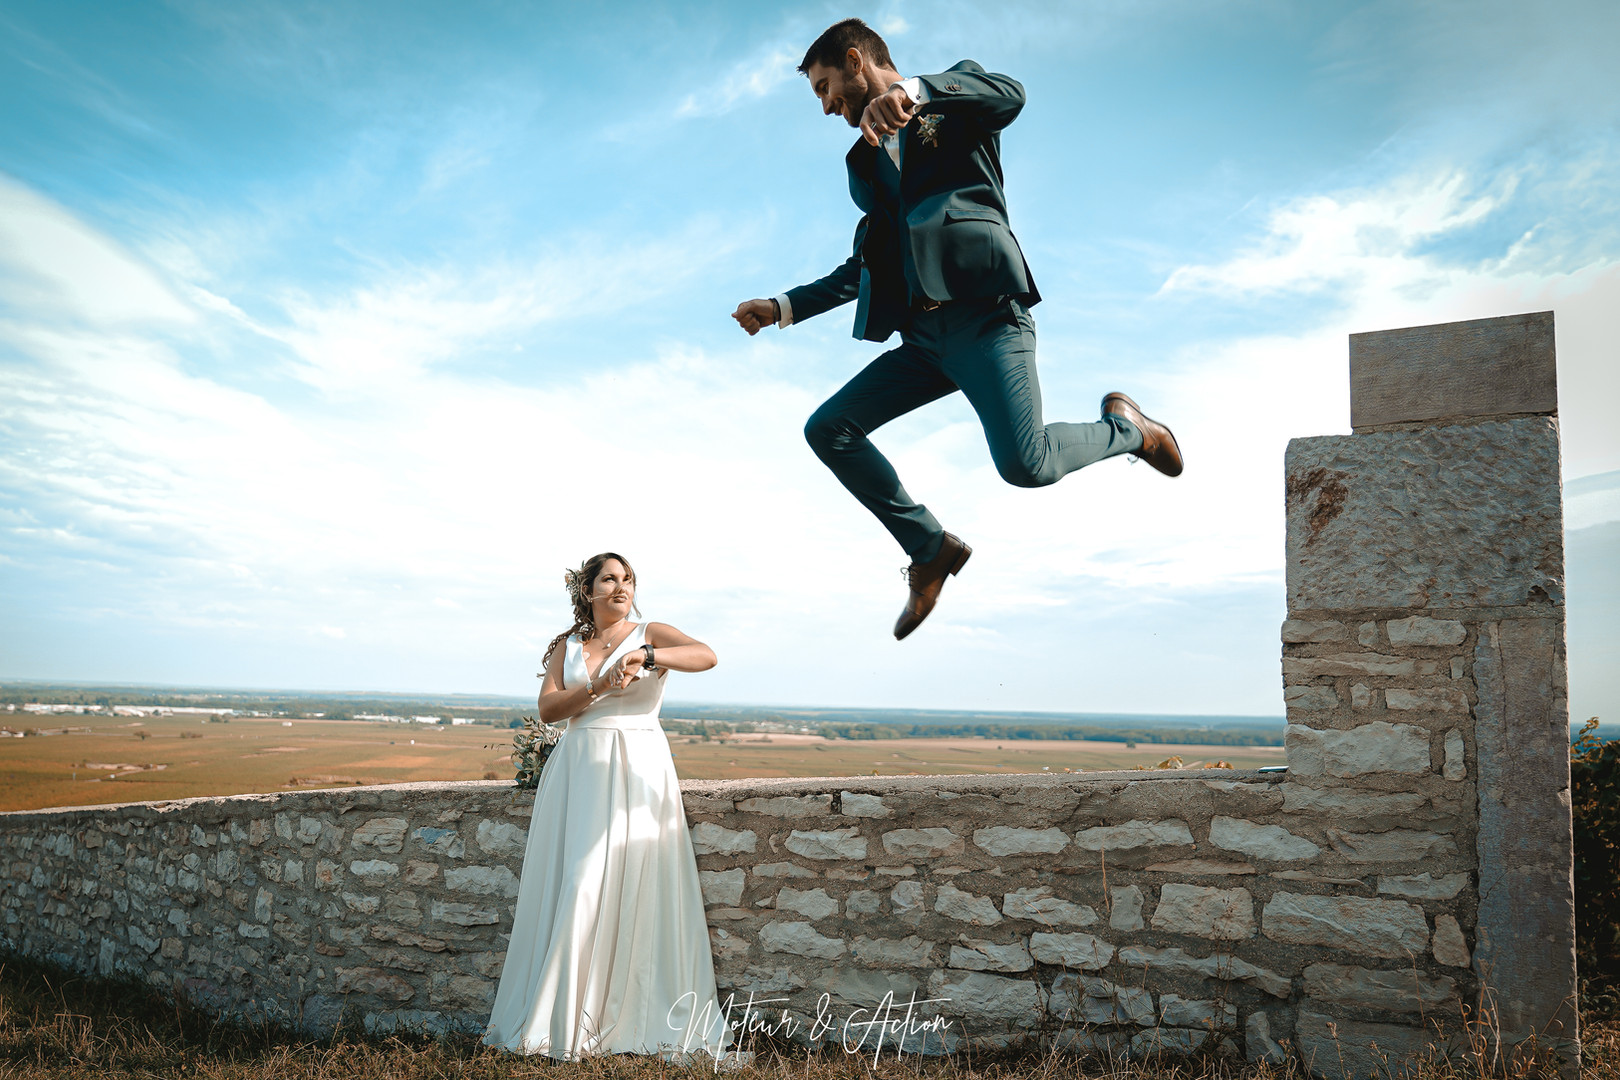 DSC09347.jpgphoto moteur et action photographe macon mariage numerisation videaste film